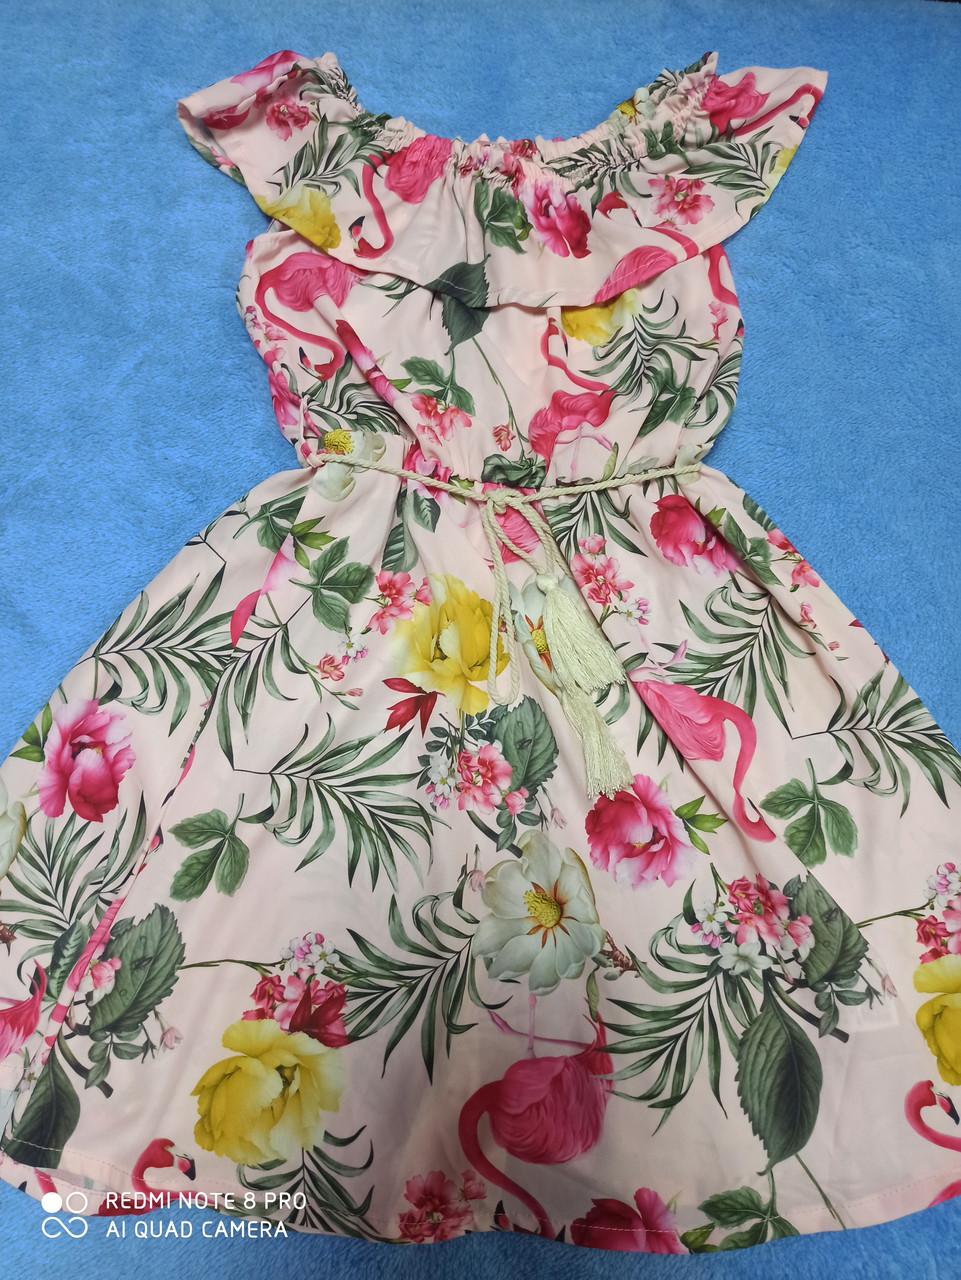 Платье подростковое летнее лёгкое нарядное модное красивое оригинальное с поясом. Размеры 128.140.146 рост.